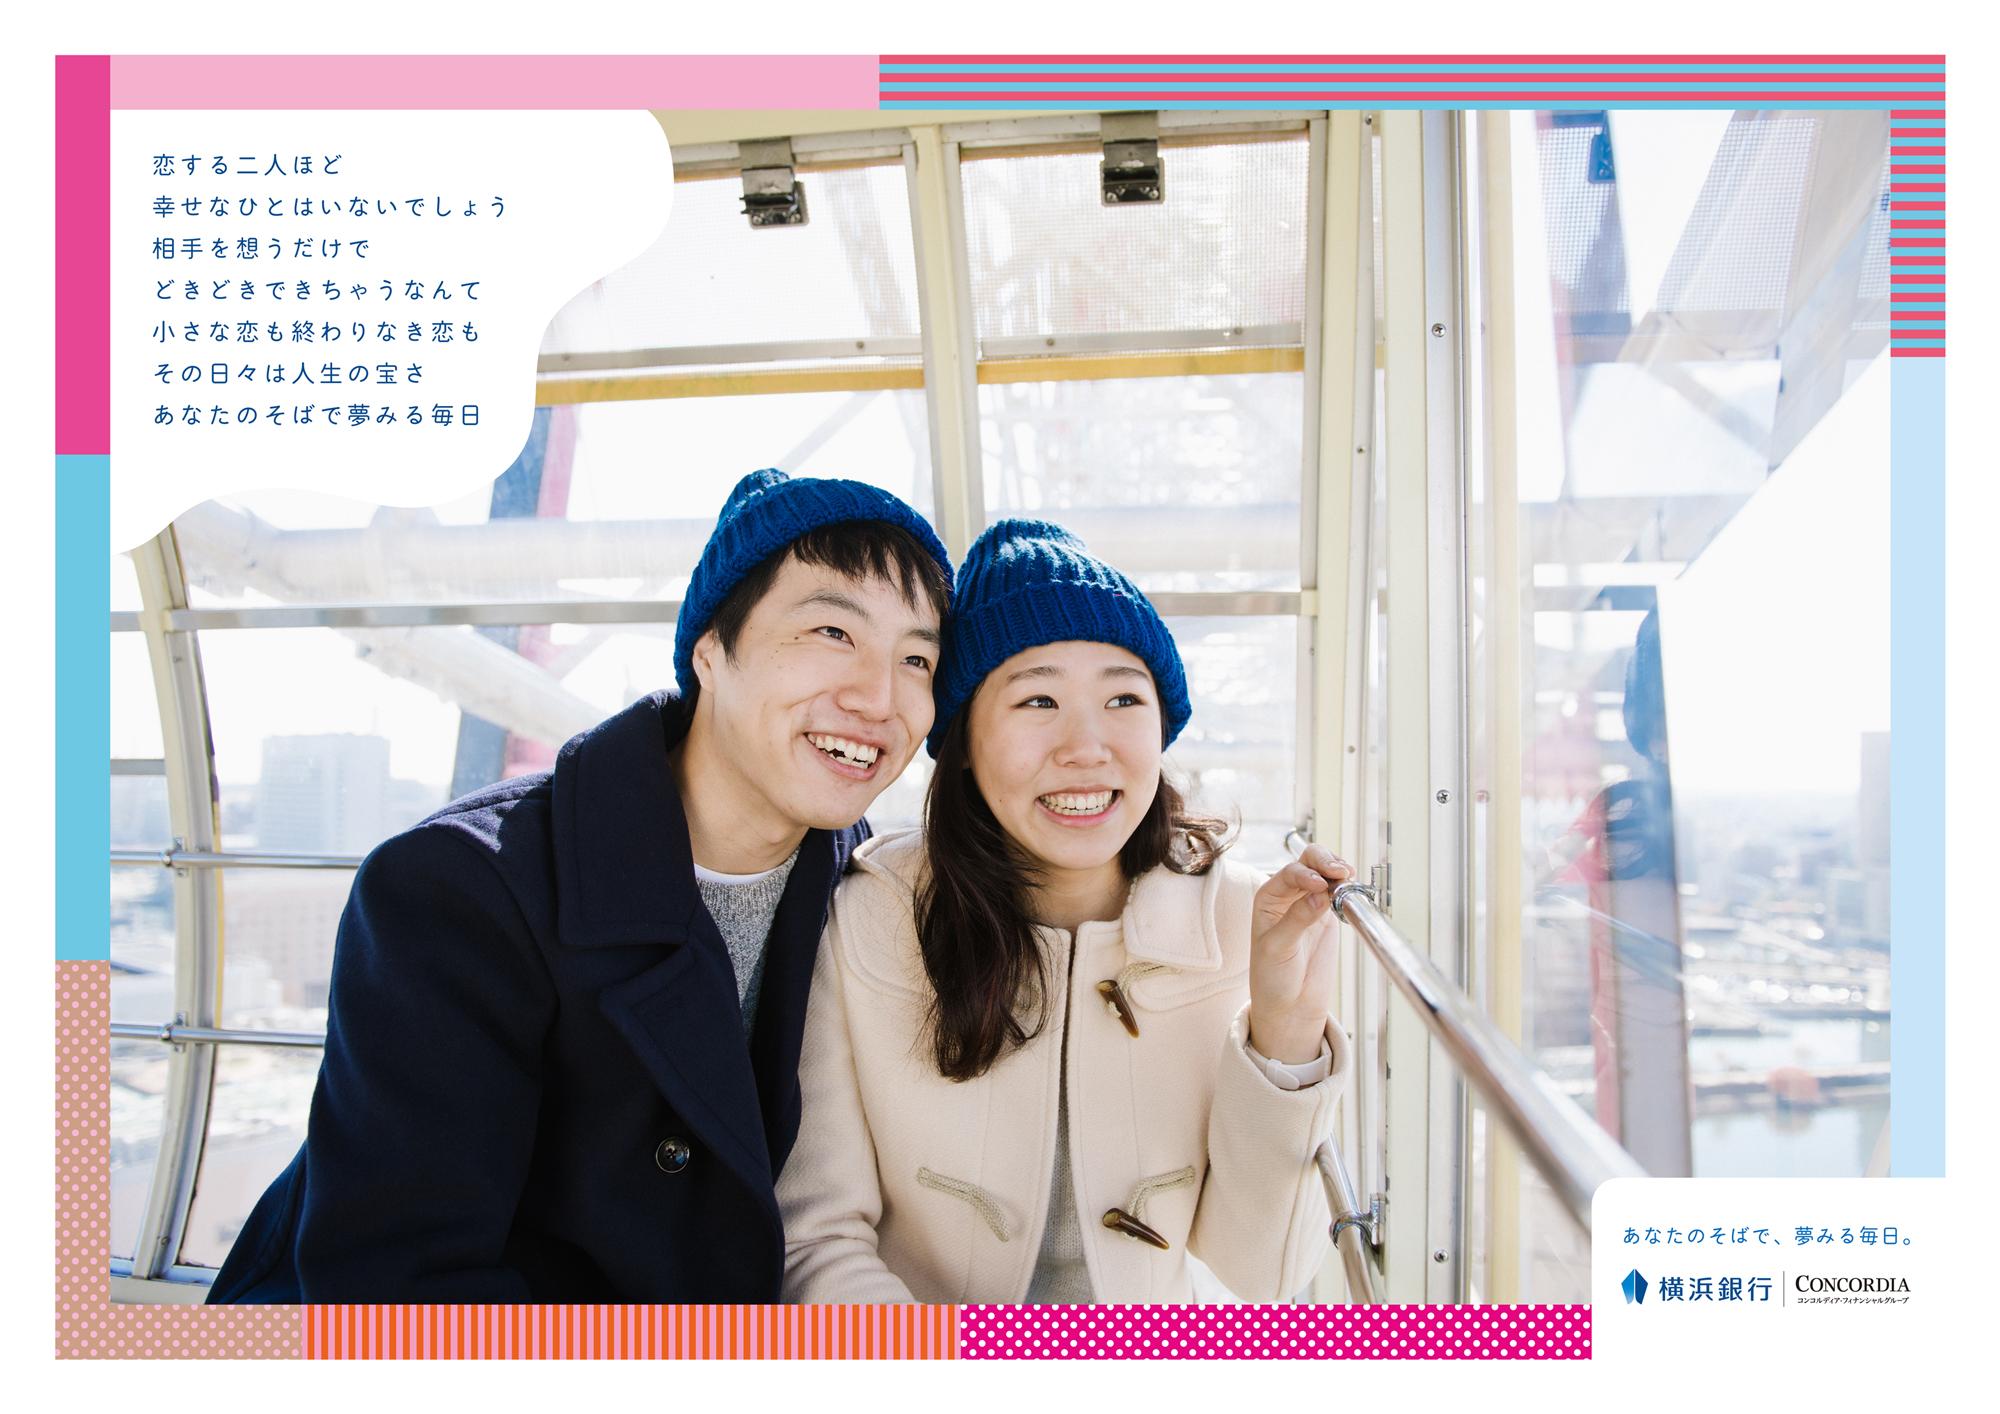 横浜銀行「あなたのそばで、夢みる毎日。-恋をする編-」ポスター2017 photo:IKEDA Masanori